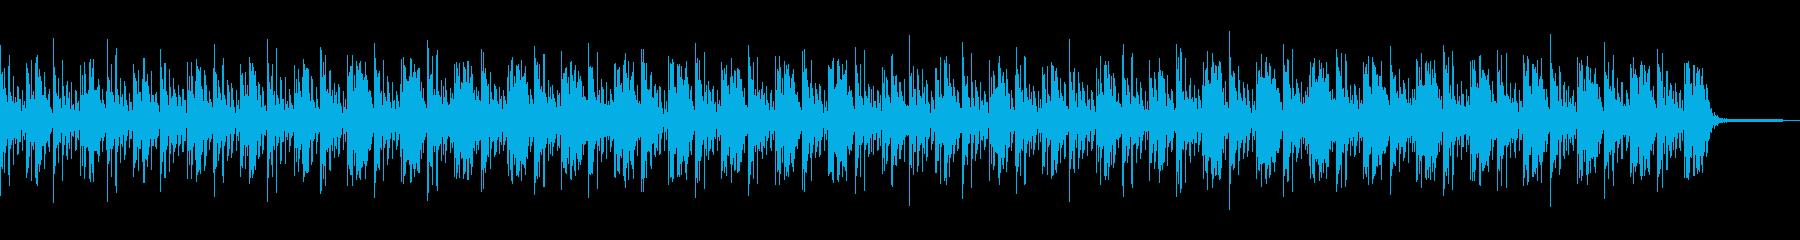 涼しげな雰囲気のアンビエントなBGMですの再生済みの波形